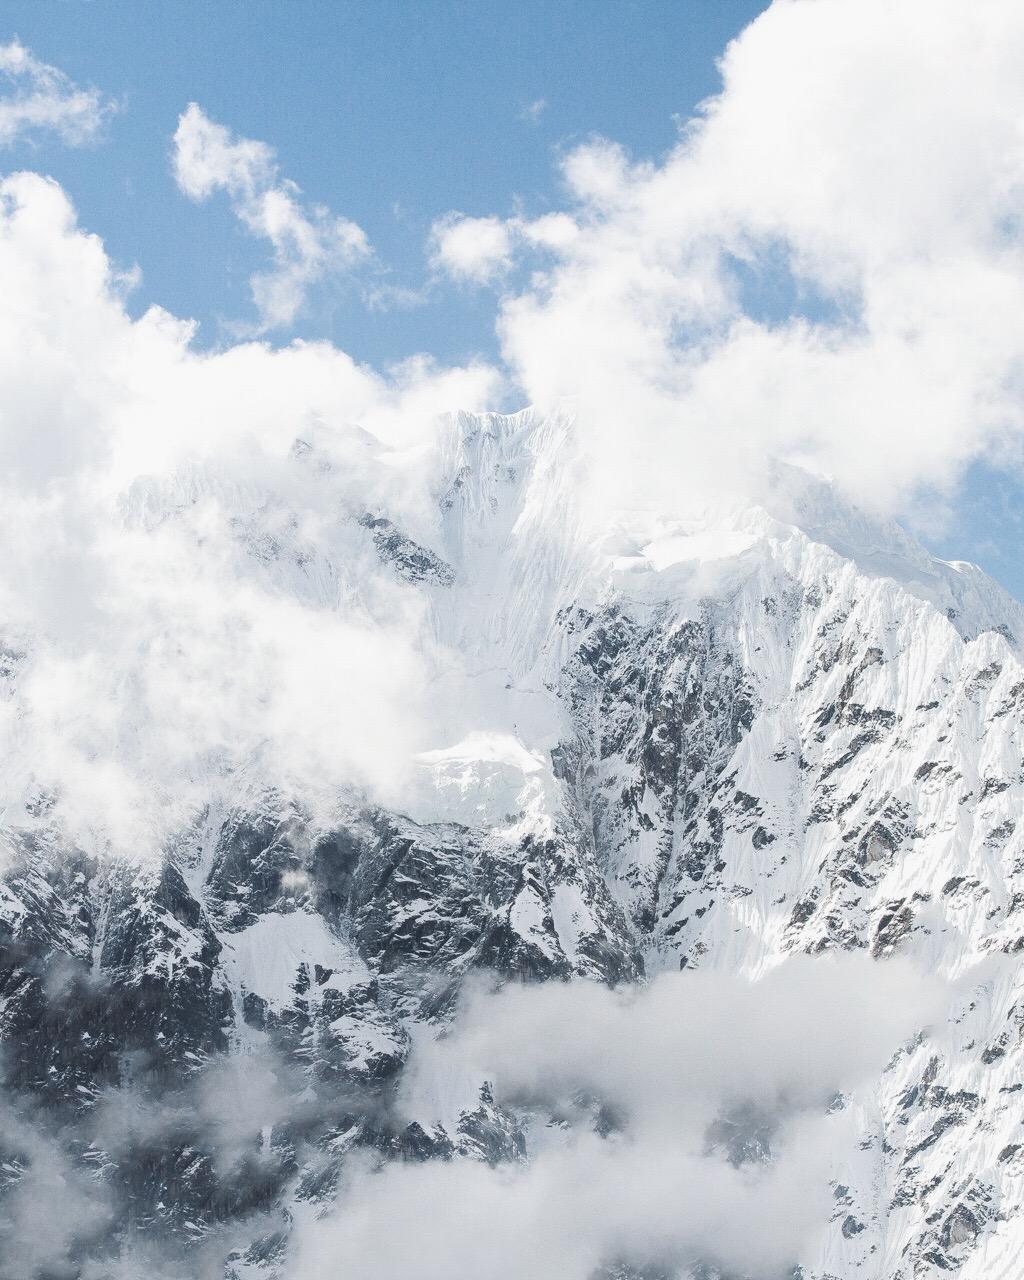 Christian-Schaffer-Peru-Salkantay-Mountain-Trek.JPG